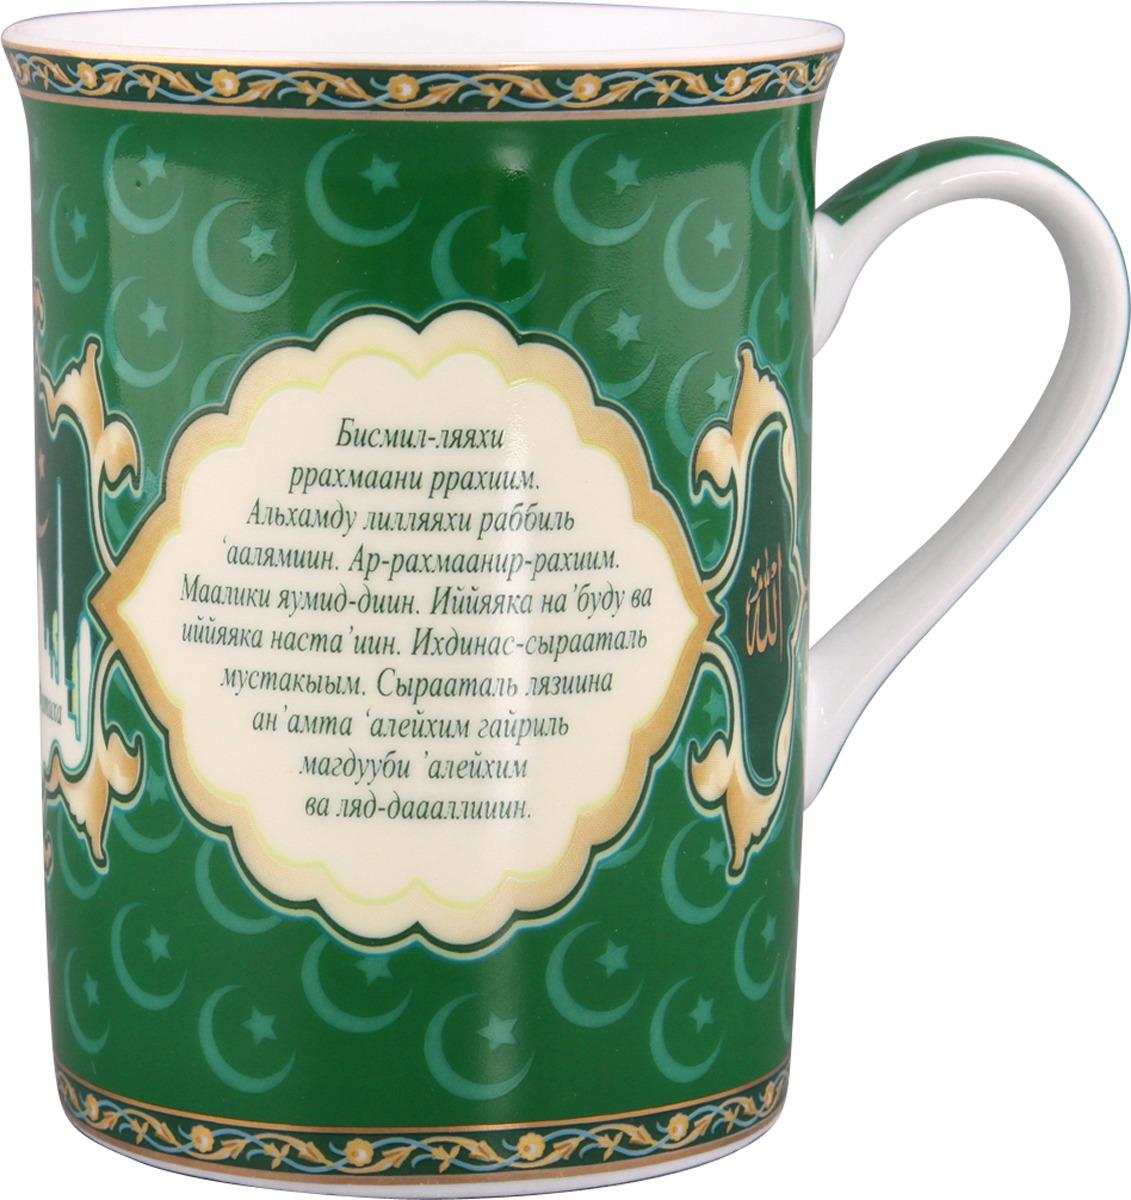 Кружка Lefard Аль-Фатиха, цвет: зеленый, 300 мл. GREENGREENКружка Lefard Аль-Фатиха, цвет: зеленый, 300 мл. GREEN